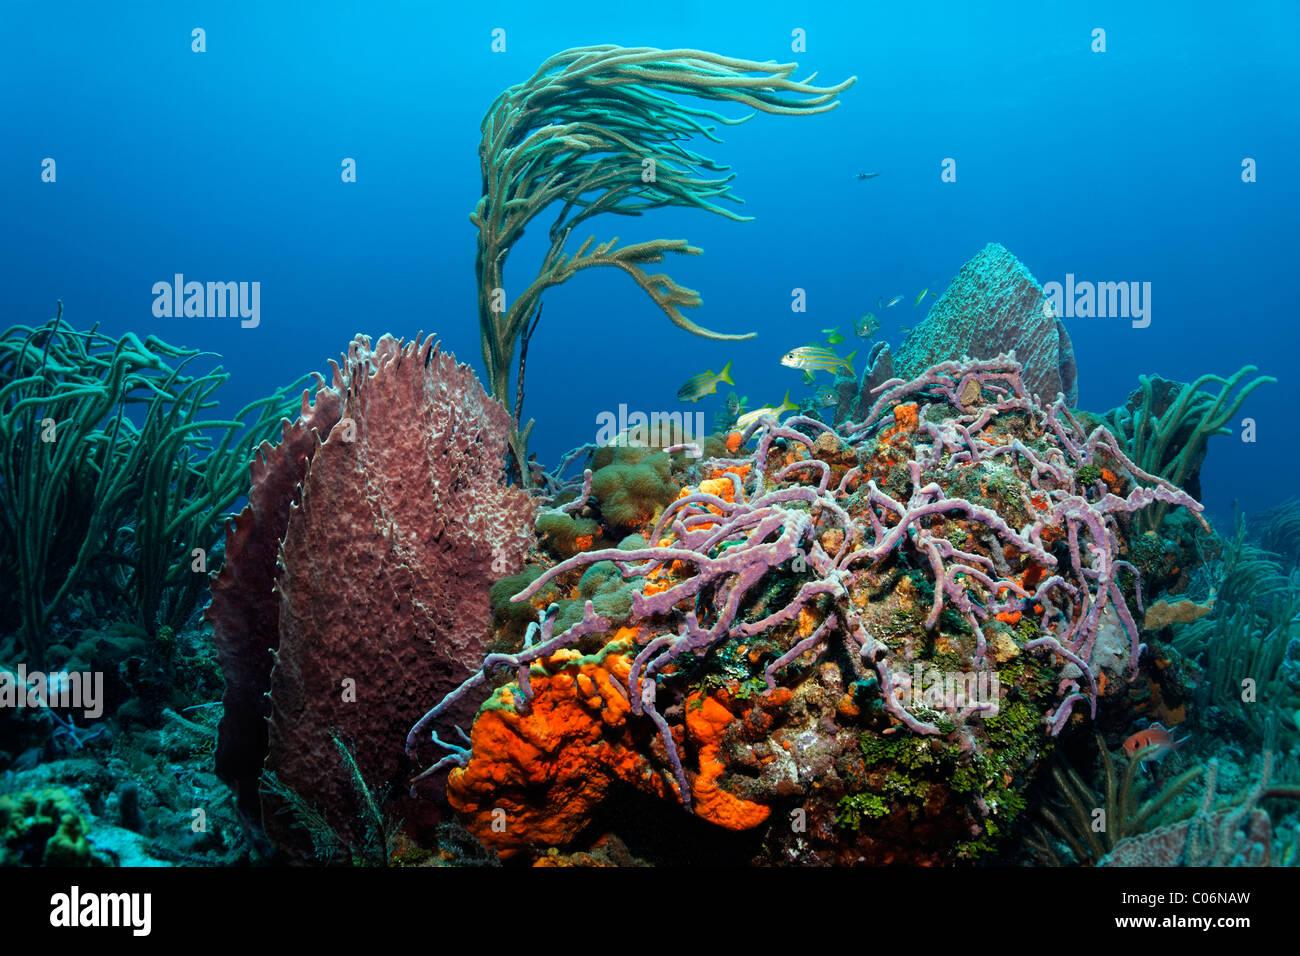 Arrecife cubierto de bloque en un arrecife de coral, varios coloridos secies de esponjas y corales, pequeña Tobago, Speyside Foto de stock